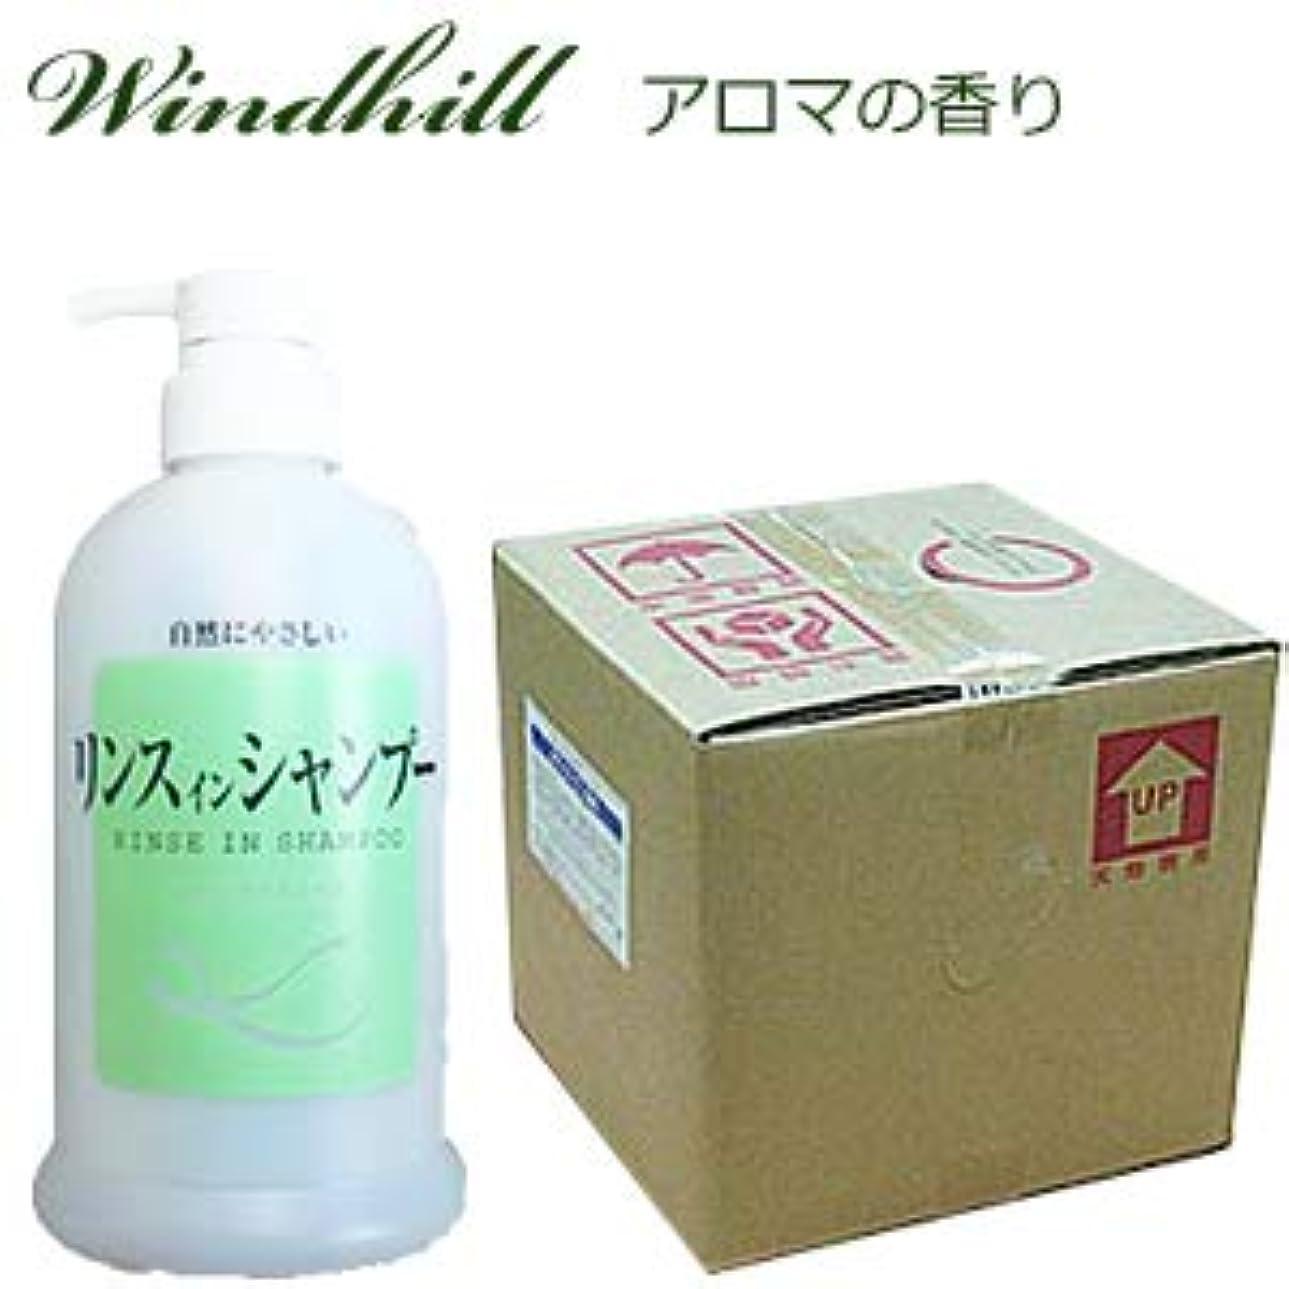 要旨一元化するレパートリーなんと! 500ml当り188円 Windhill 植物性業務用 リンスインシャンプー 紅茶を思うアロマの香り 20L